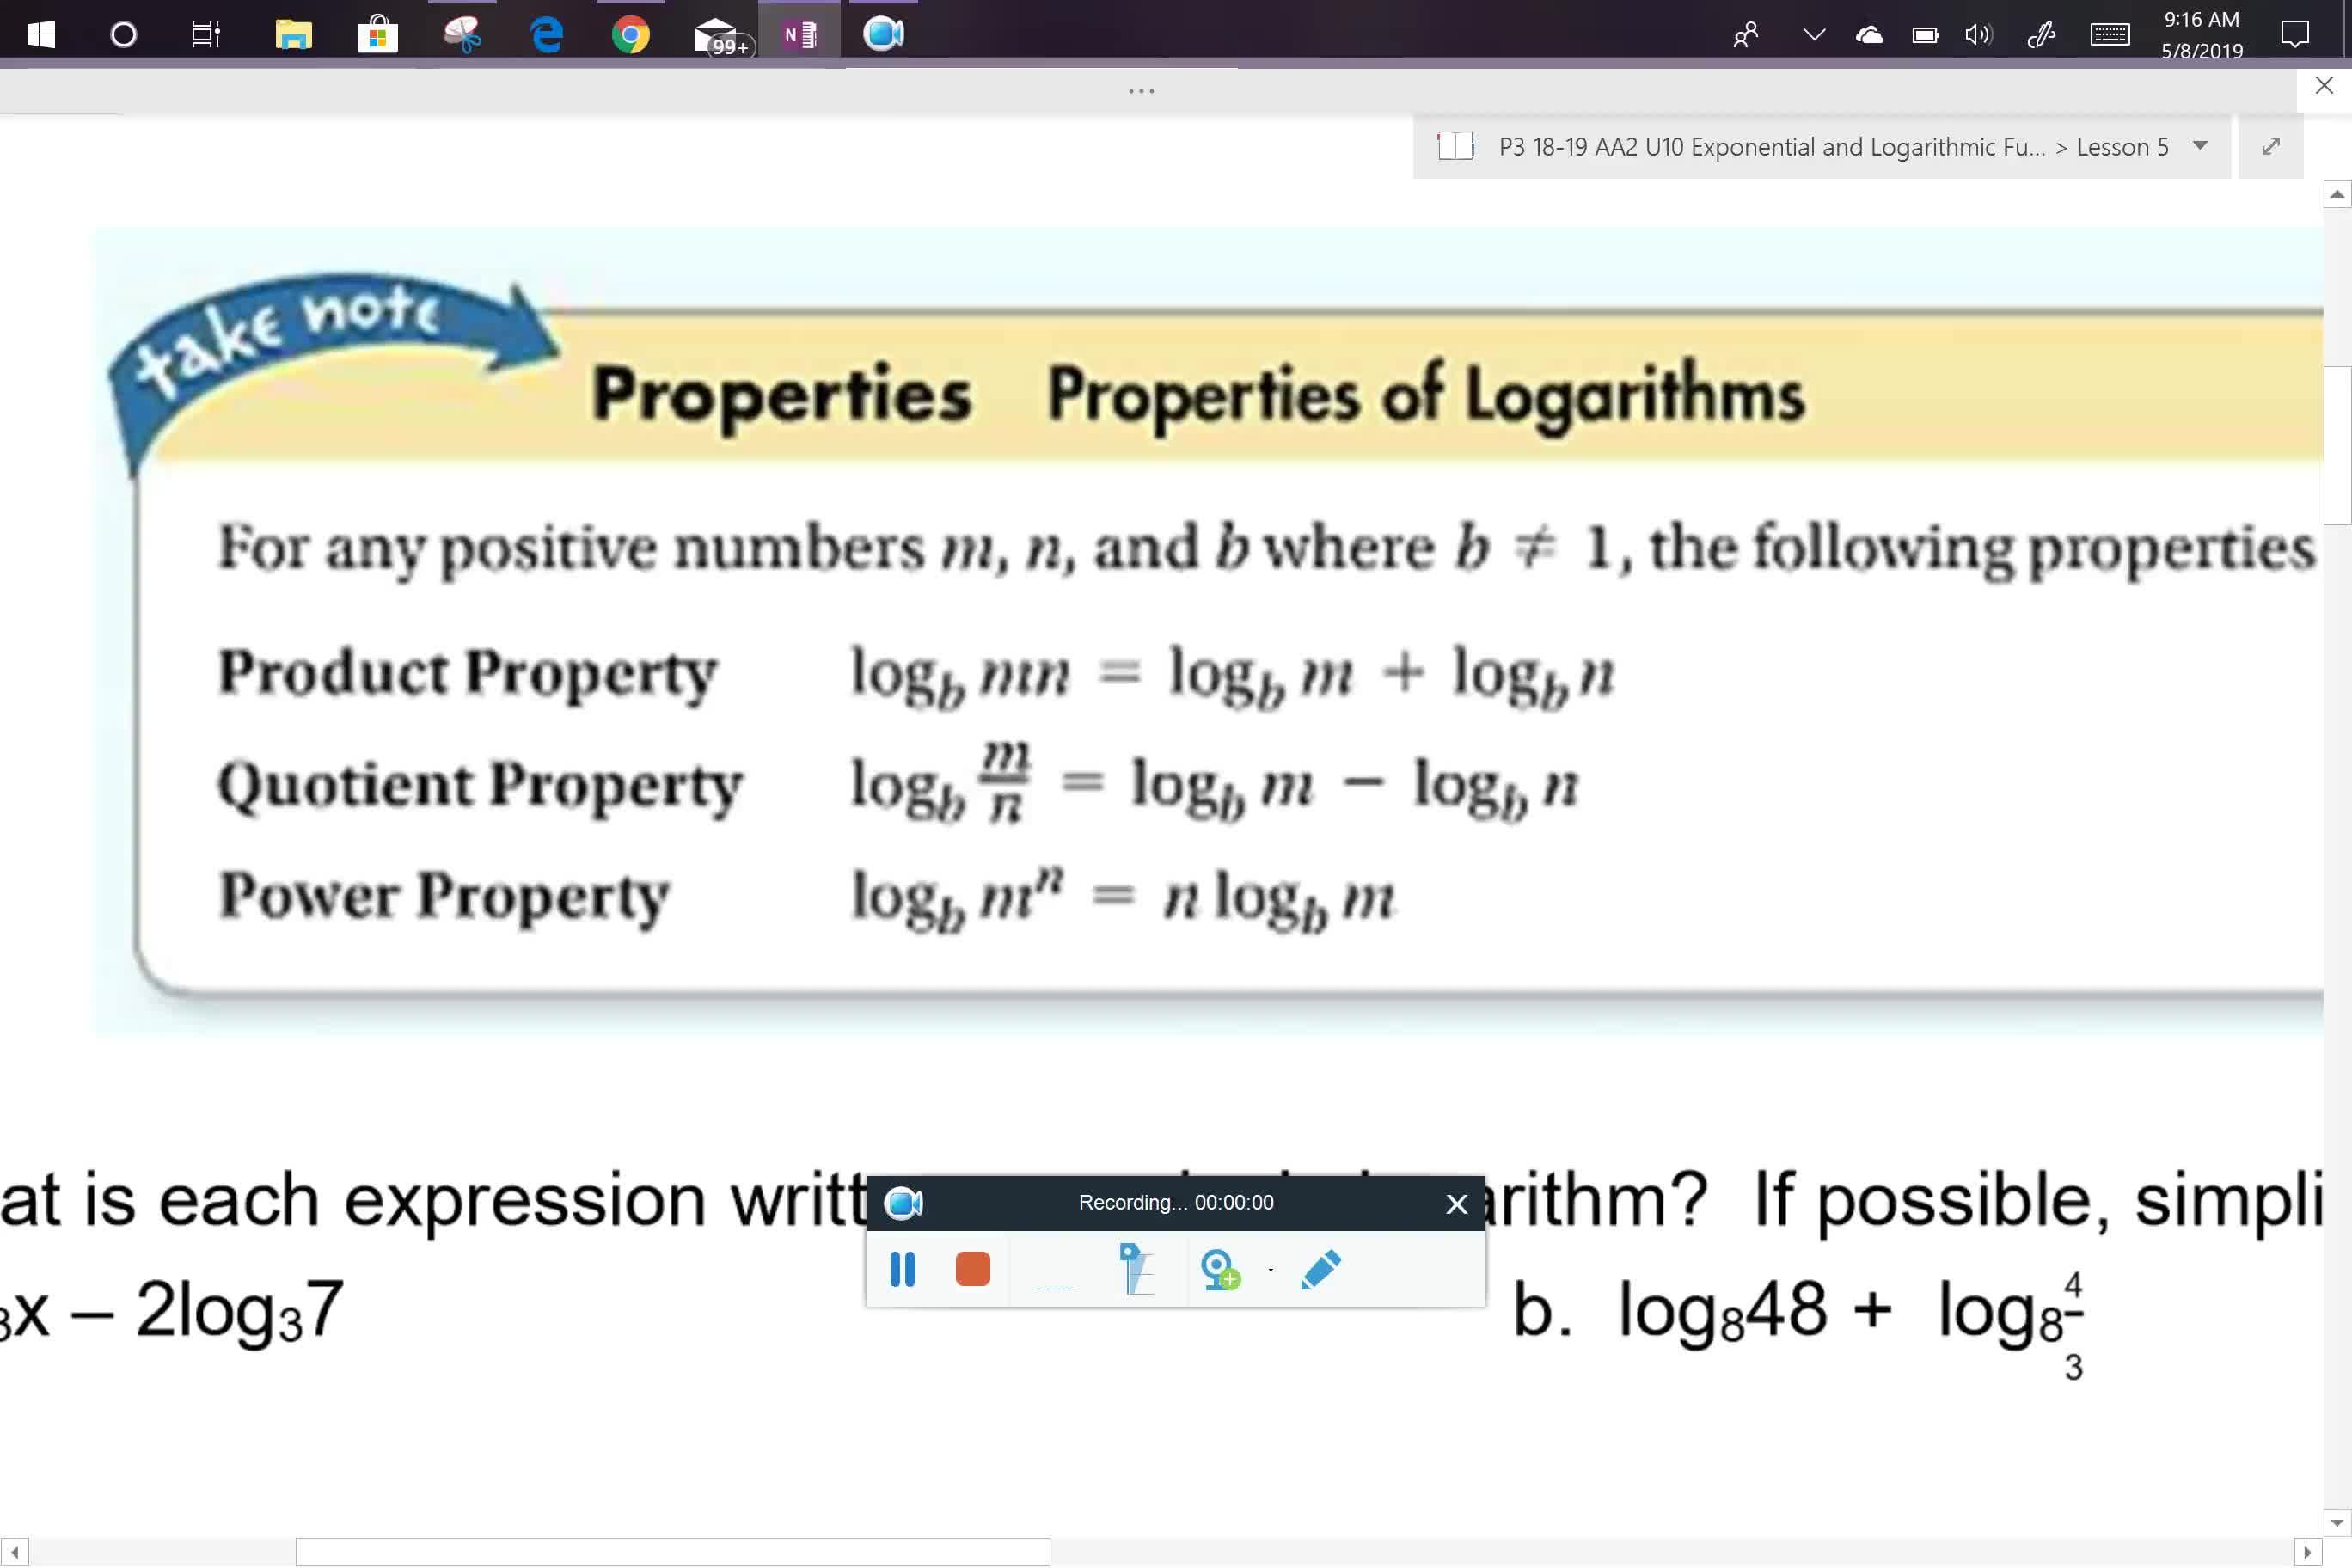 AA2 U10L5 problems 1 and 2